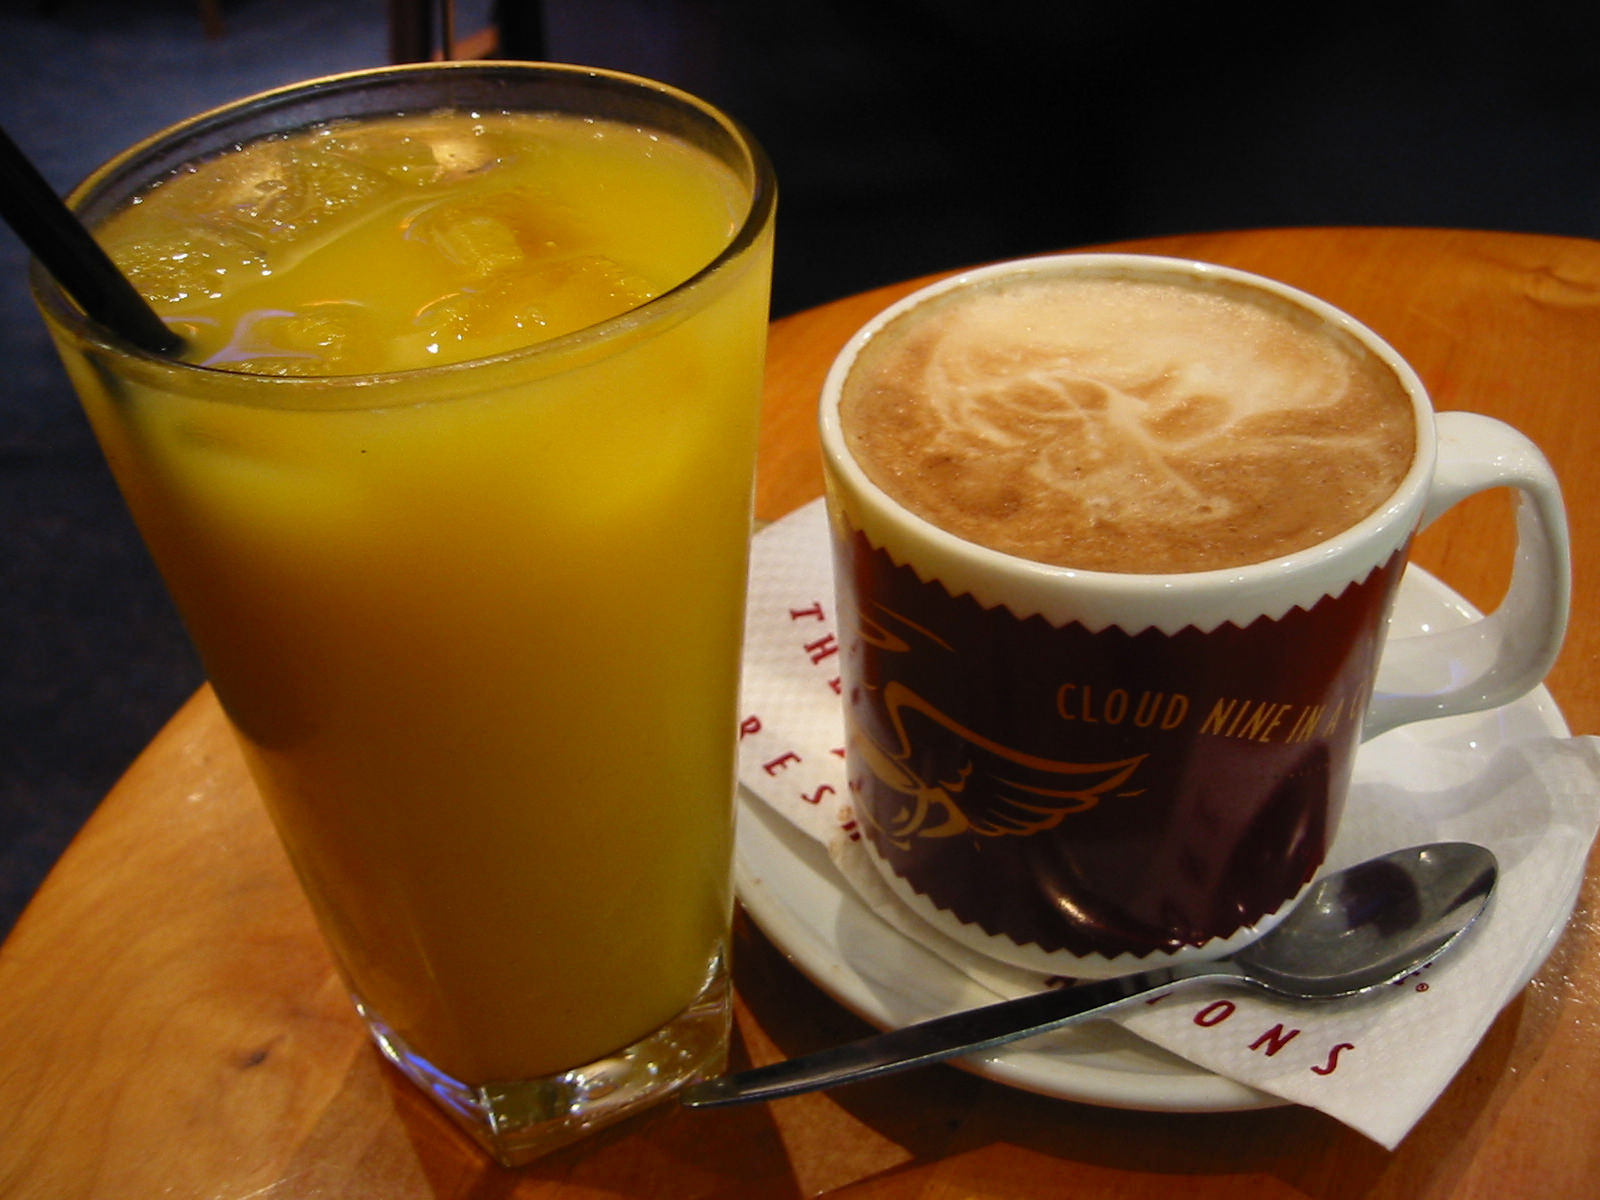 OJ and coffee